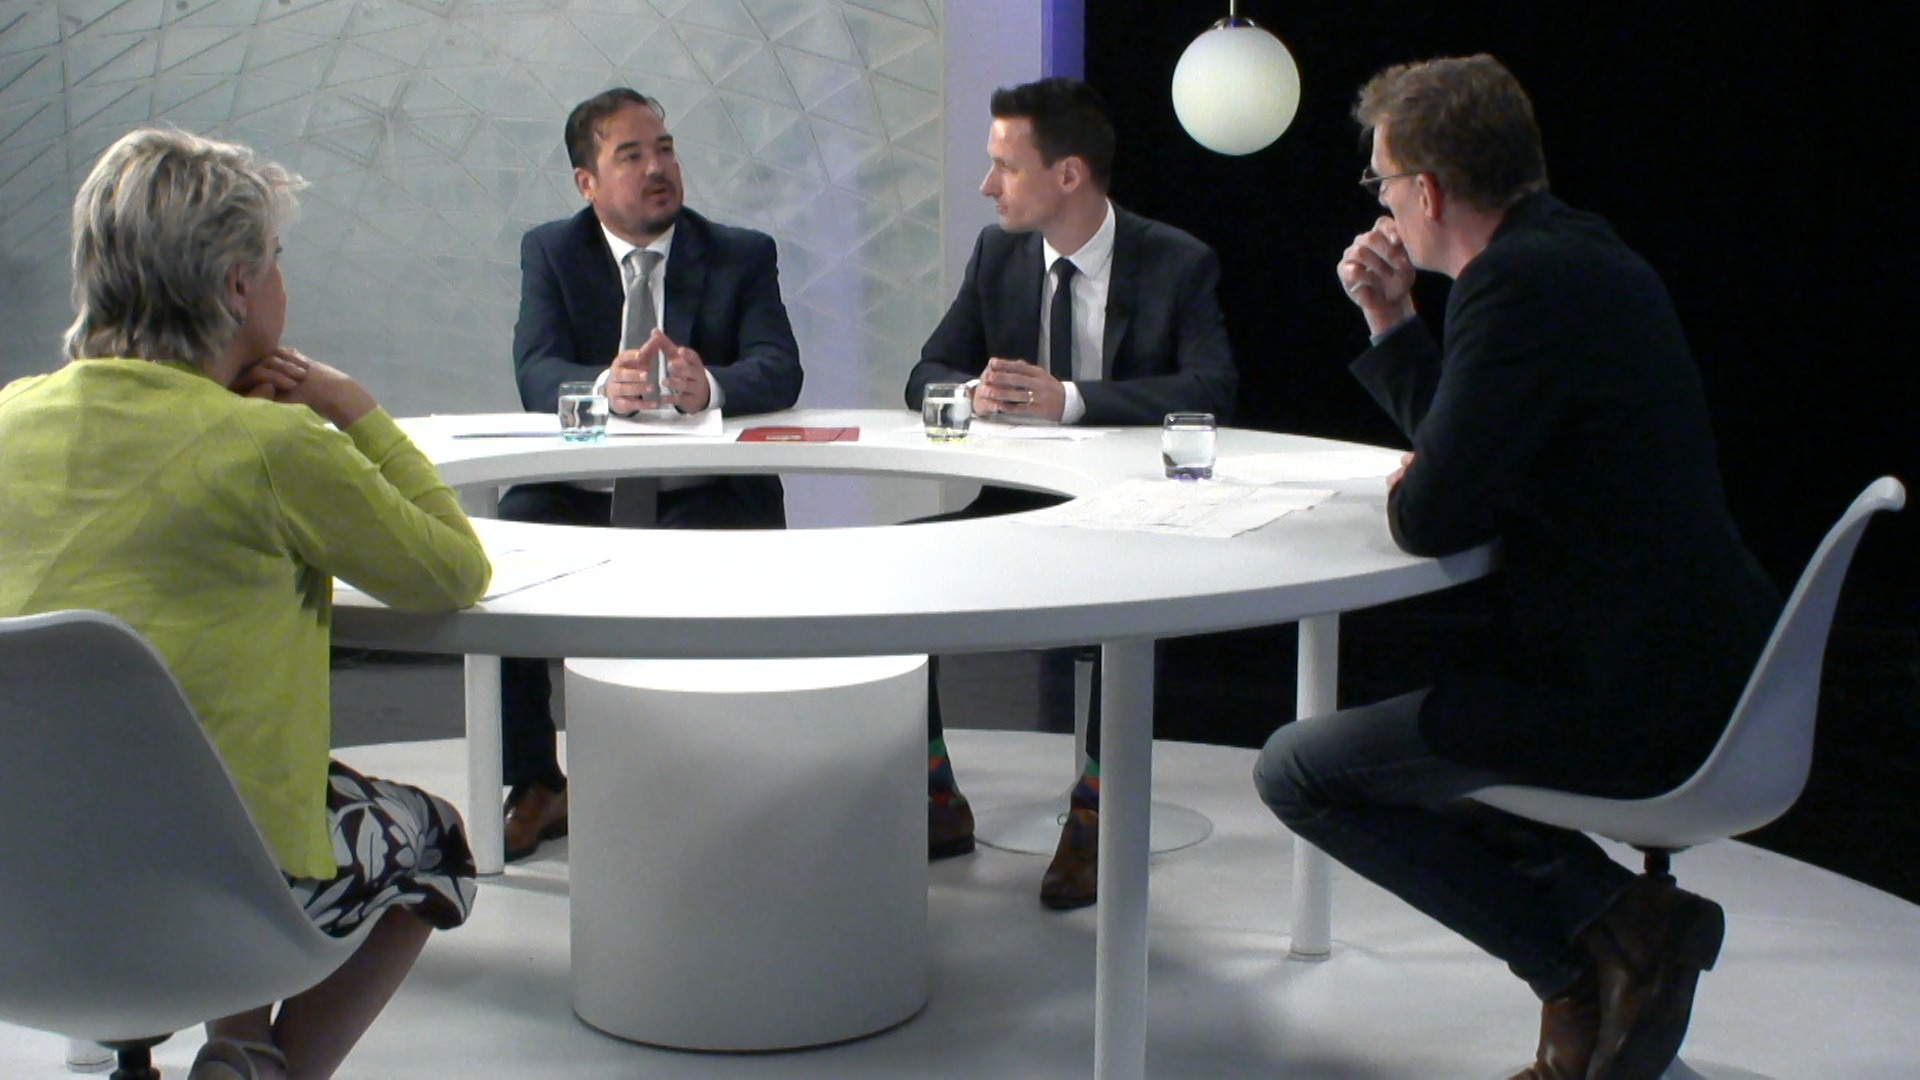 Het Debat: Gokverslaving - met Katia Segers (sp.a), Björn Anseeuw (N-VA) en Peter Naessens (Kansspelcommissie)